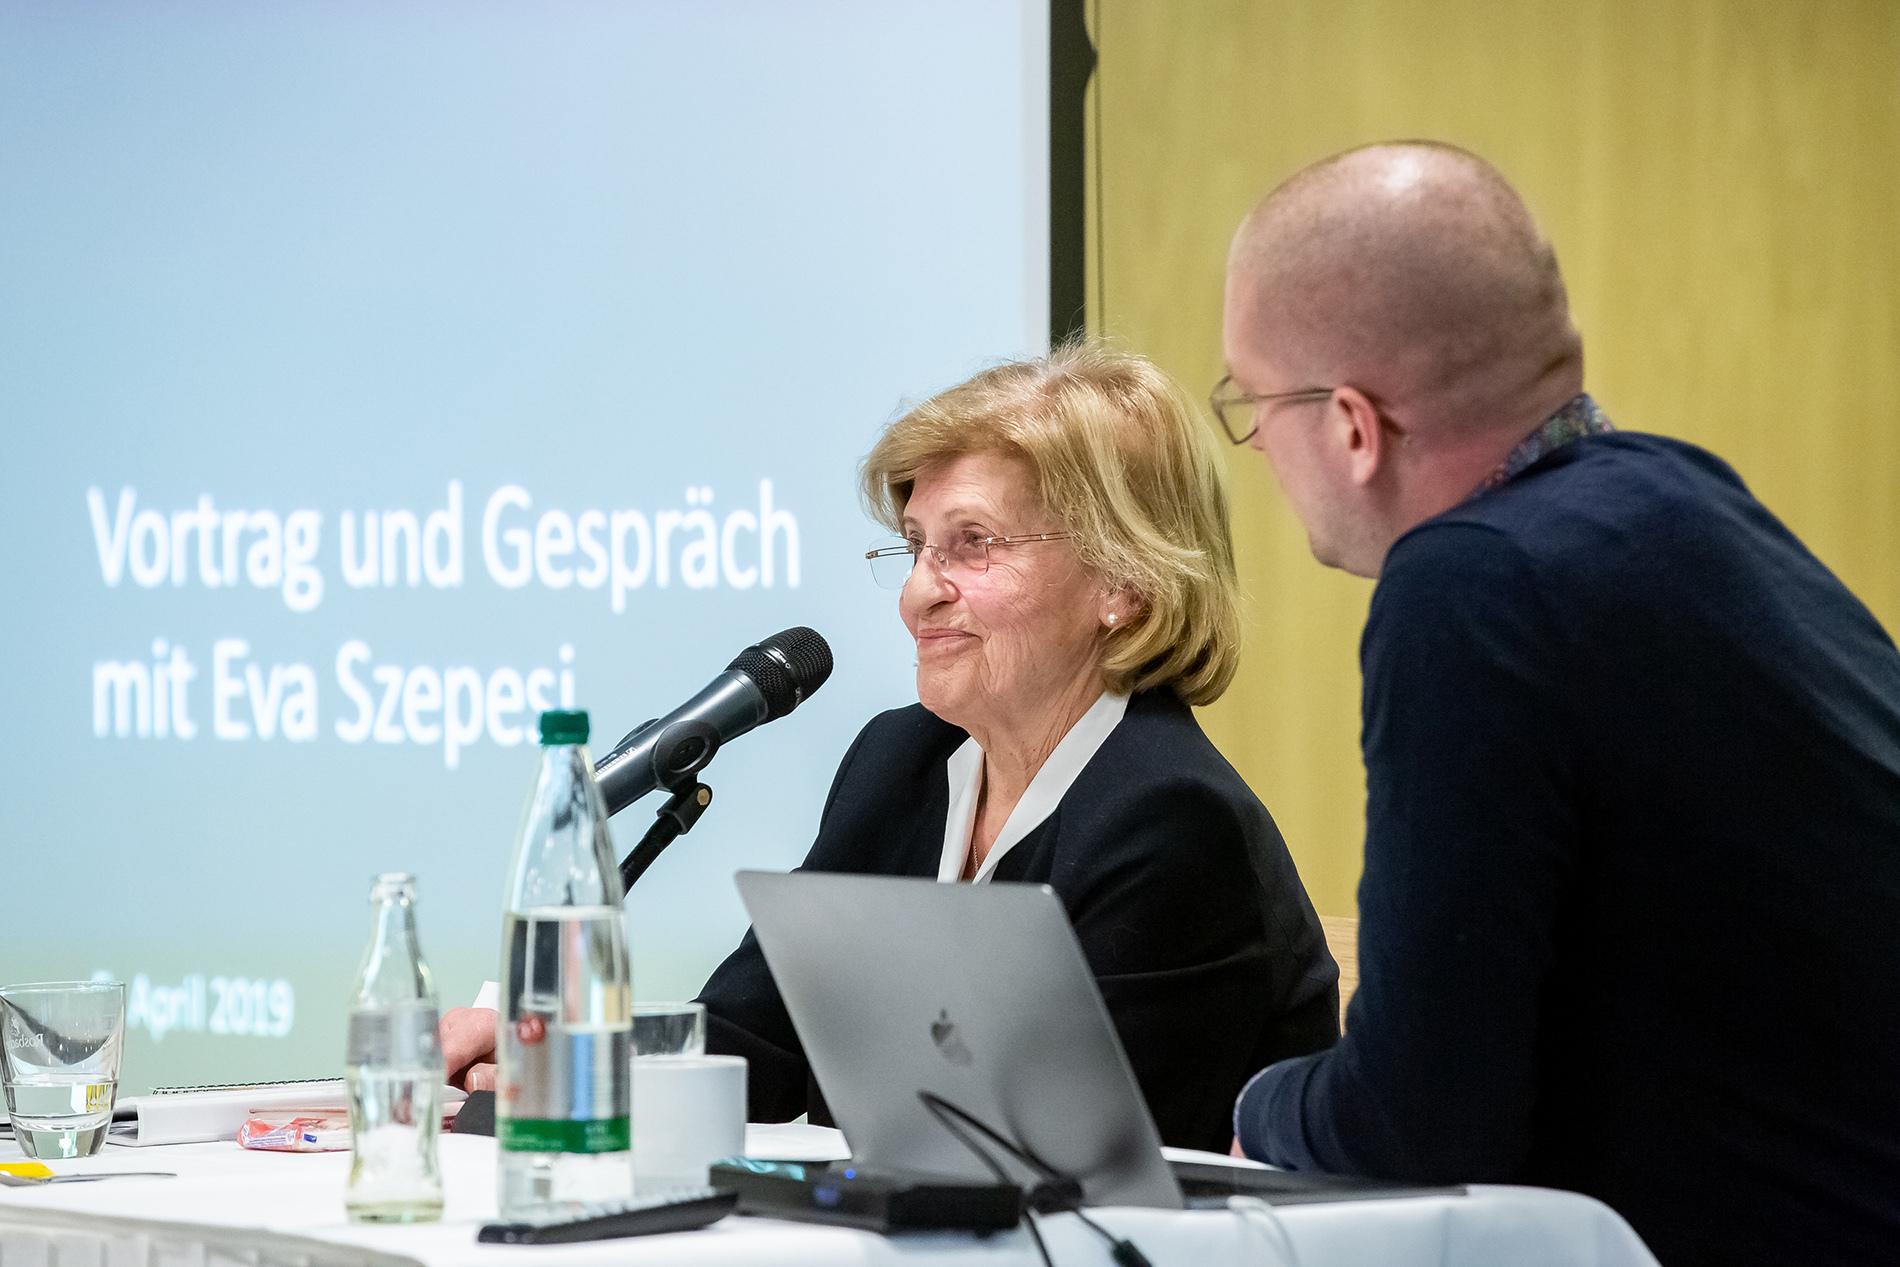 Vortrag und Gespräch mit Eva Szepesi  - Foto:  Lina Nikelwoski